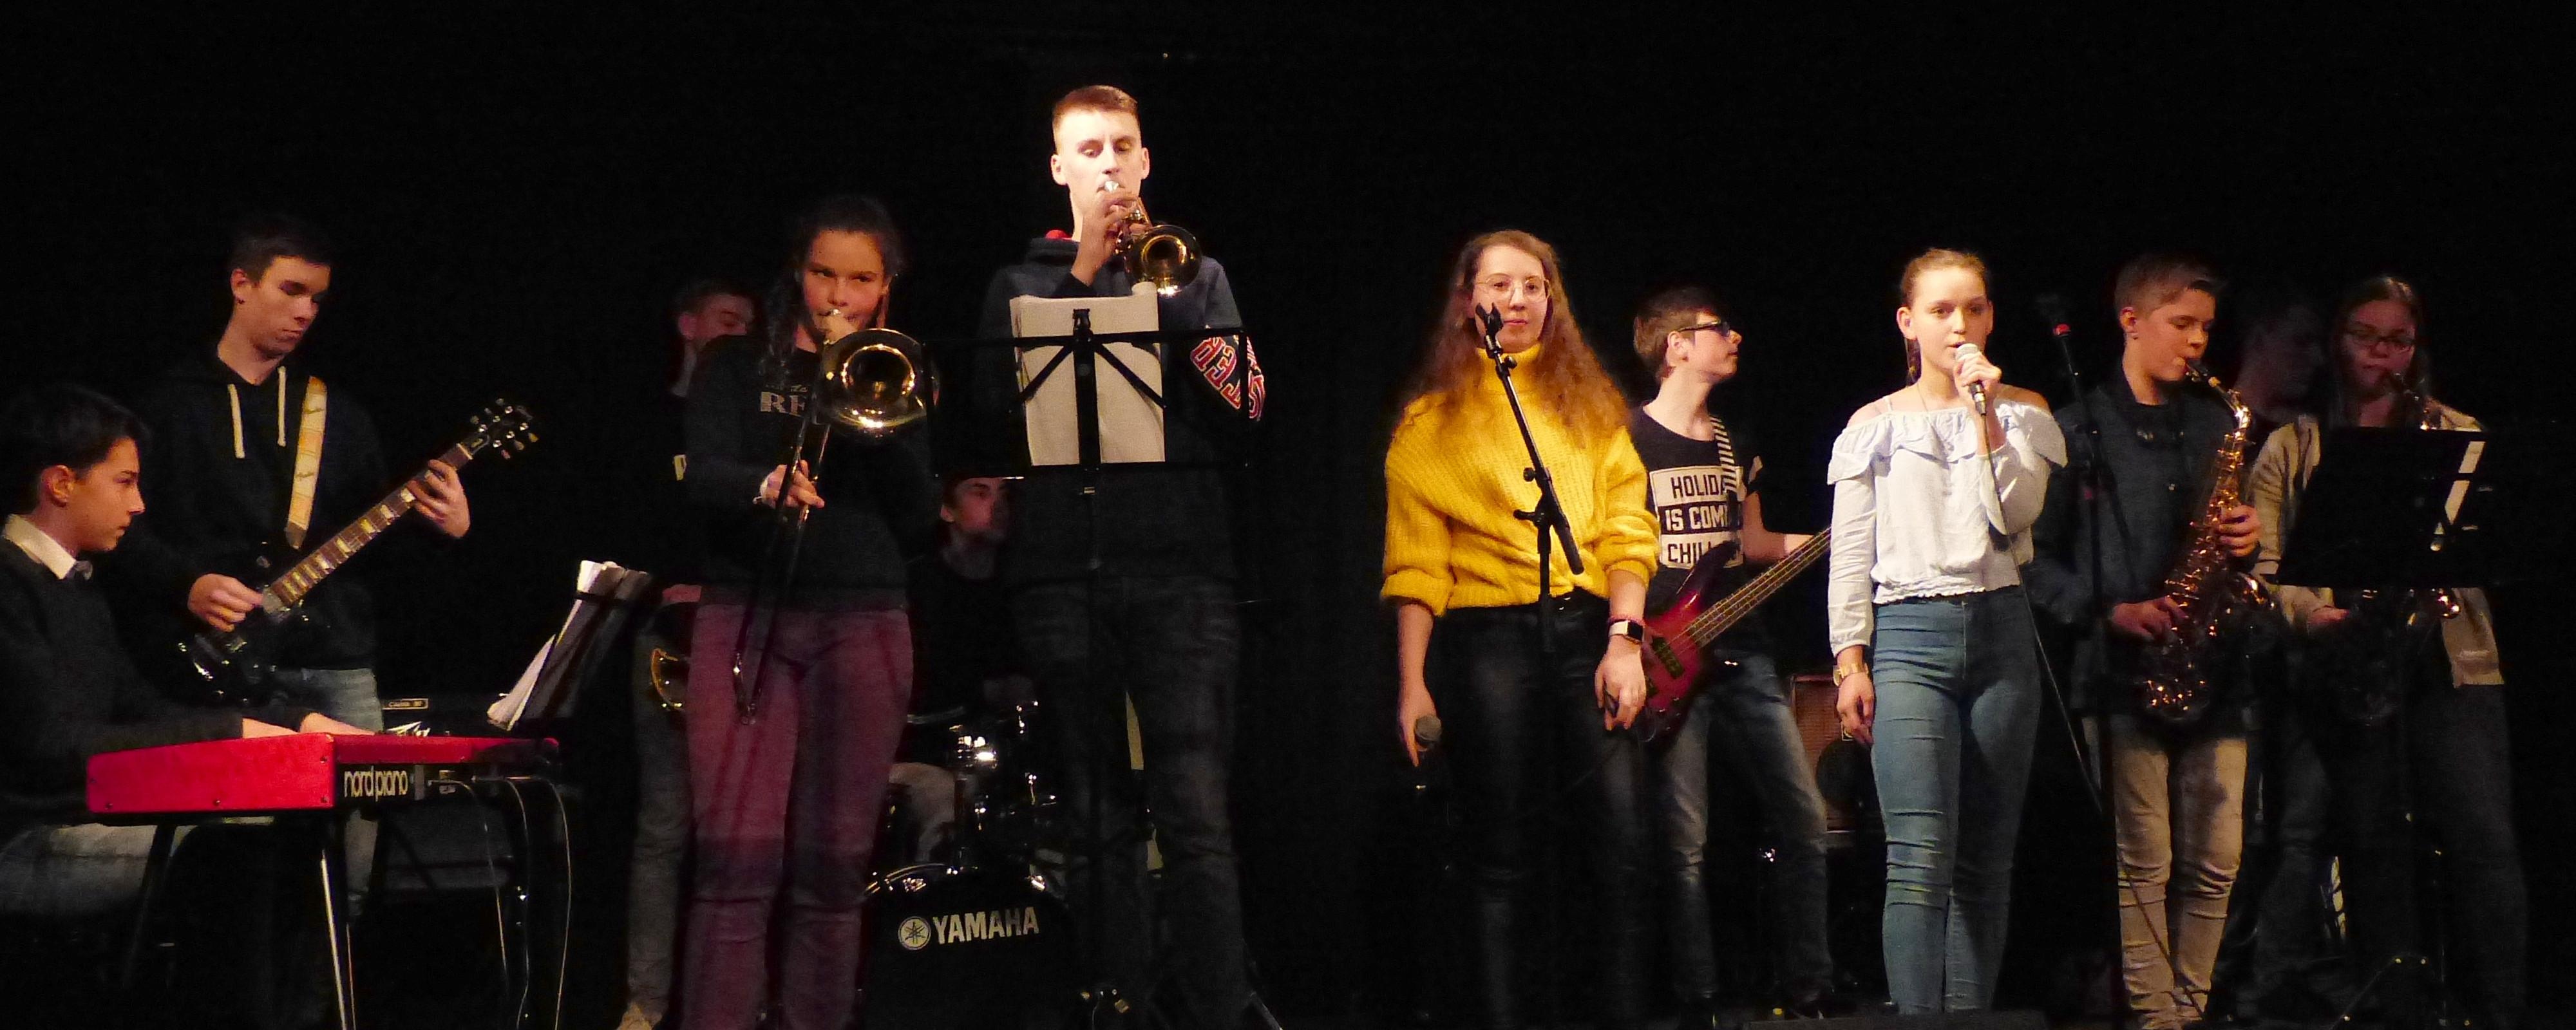 Bandshop Im Wilhelm13 Mit Der GAG-COMBO Und HELIUM